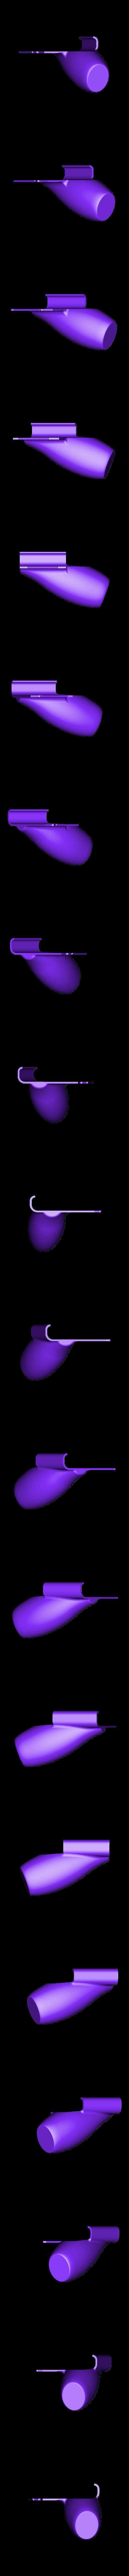 Switch grip handle right.STL Descargar archivo STL Interruptor de Nintendo con empuñadura ergonómica • Plan de la impresora 3D, VectorFinesse